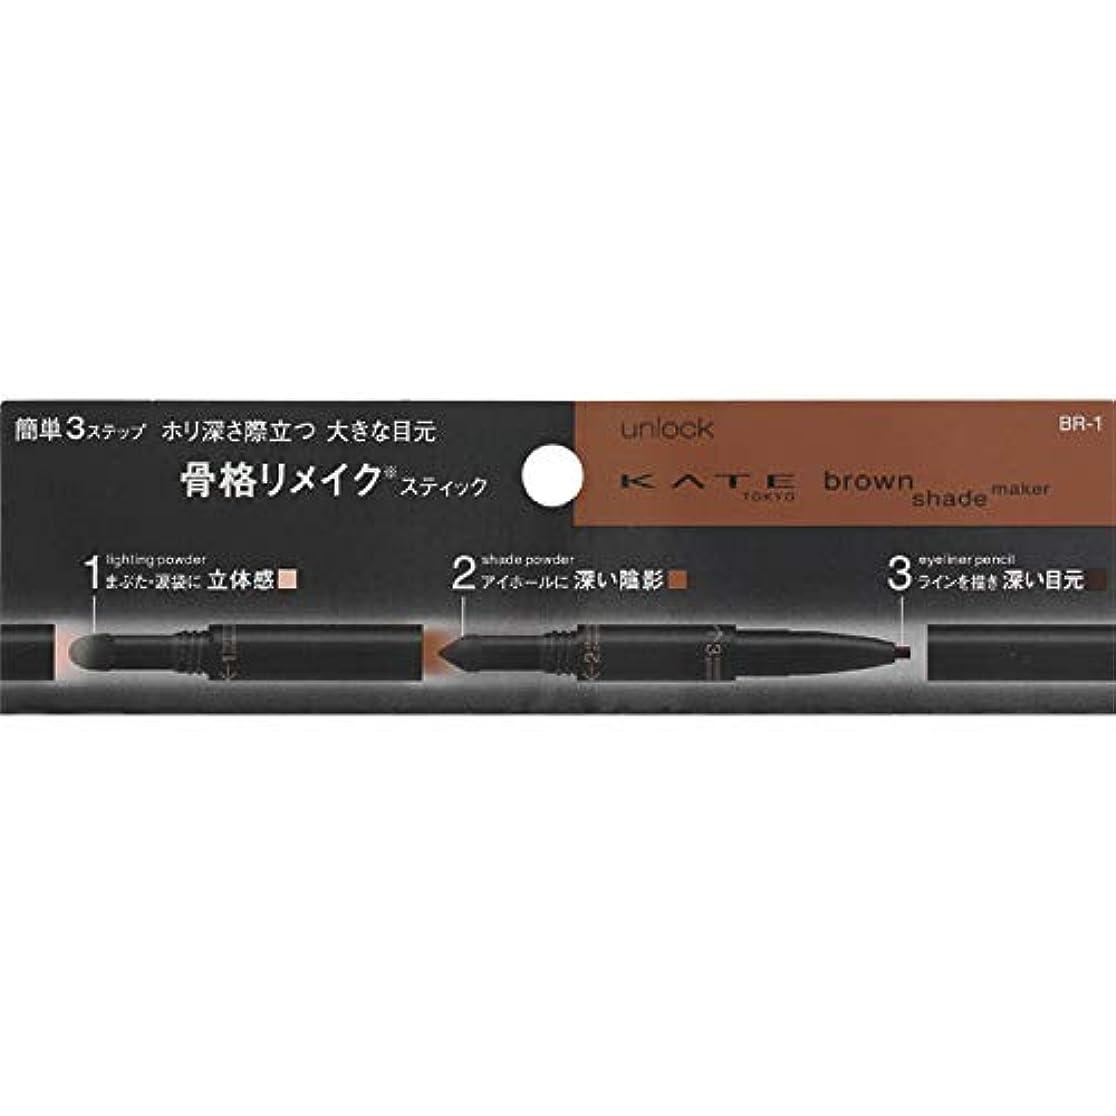 伝記フィッティング弱めるカネボウ(Kanebo) ケイト ブラウンシェードメイカー<カラー:BR-1>